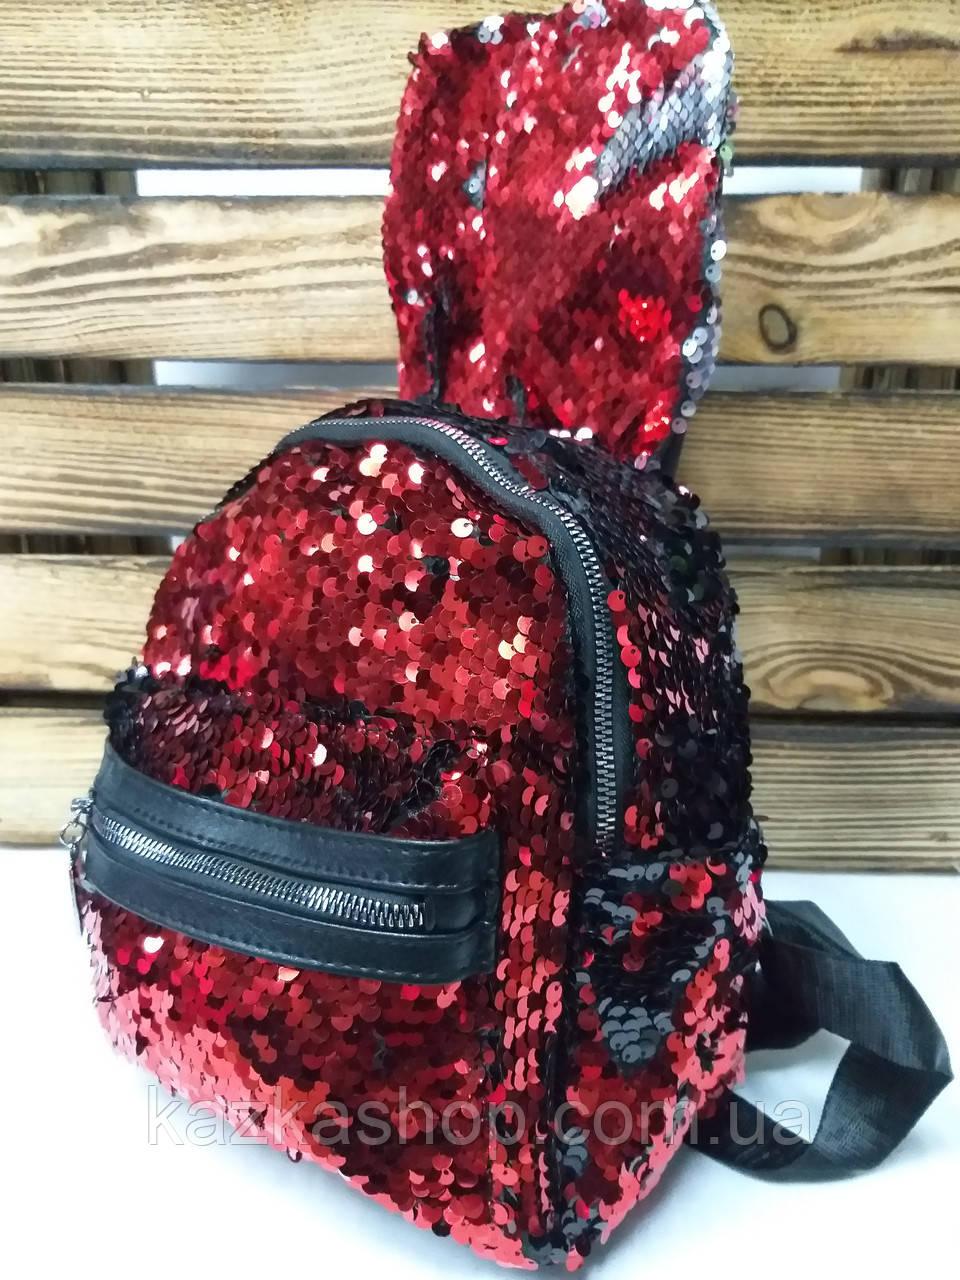 Детский рюкзак с паетками перевертышами, красного цвета с ушками